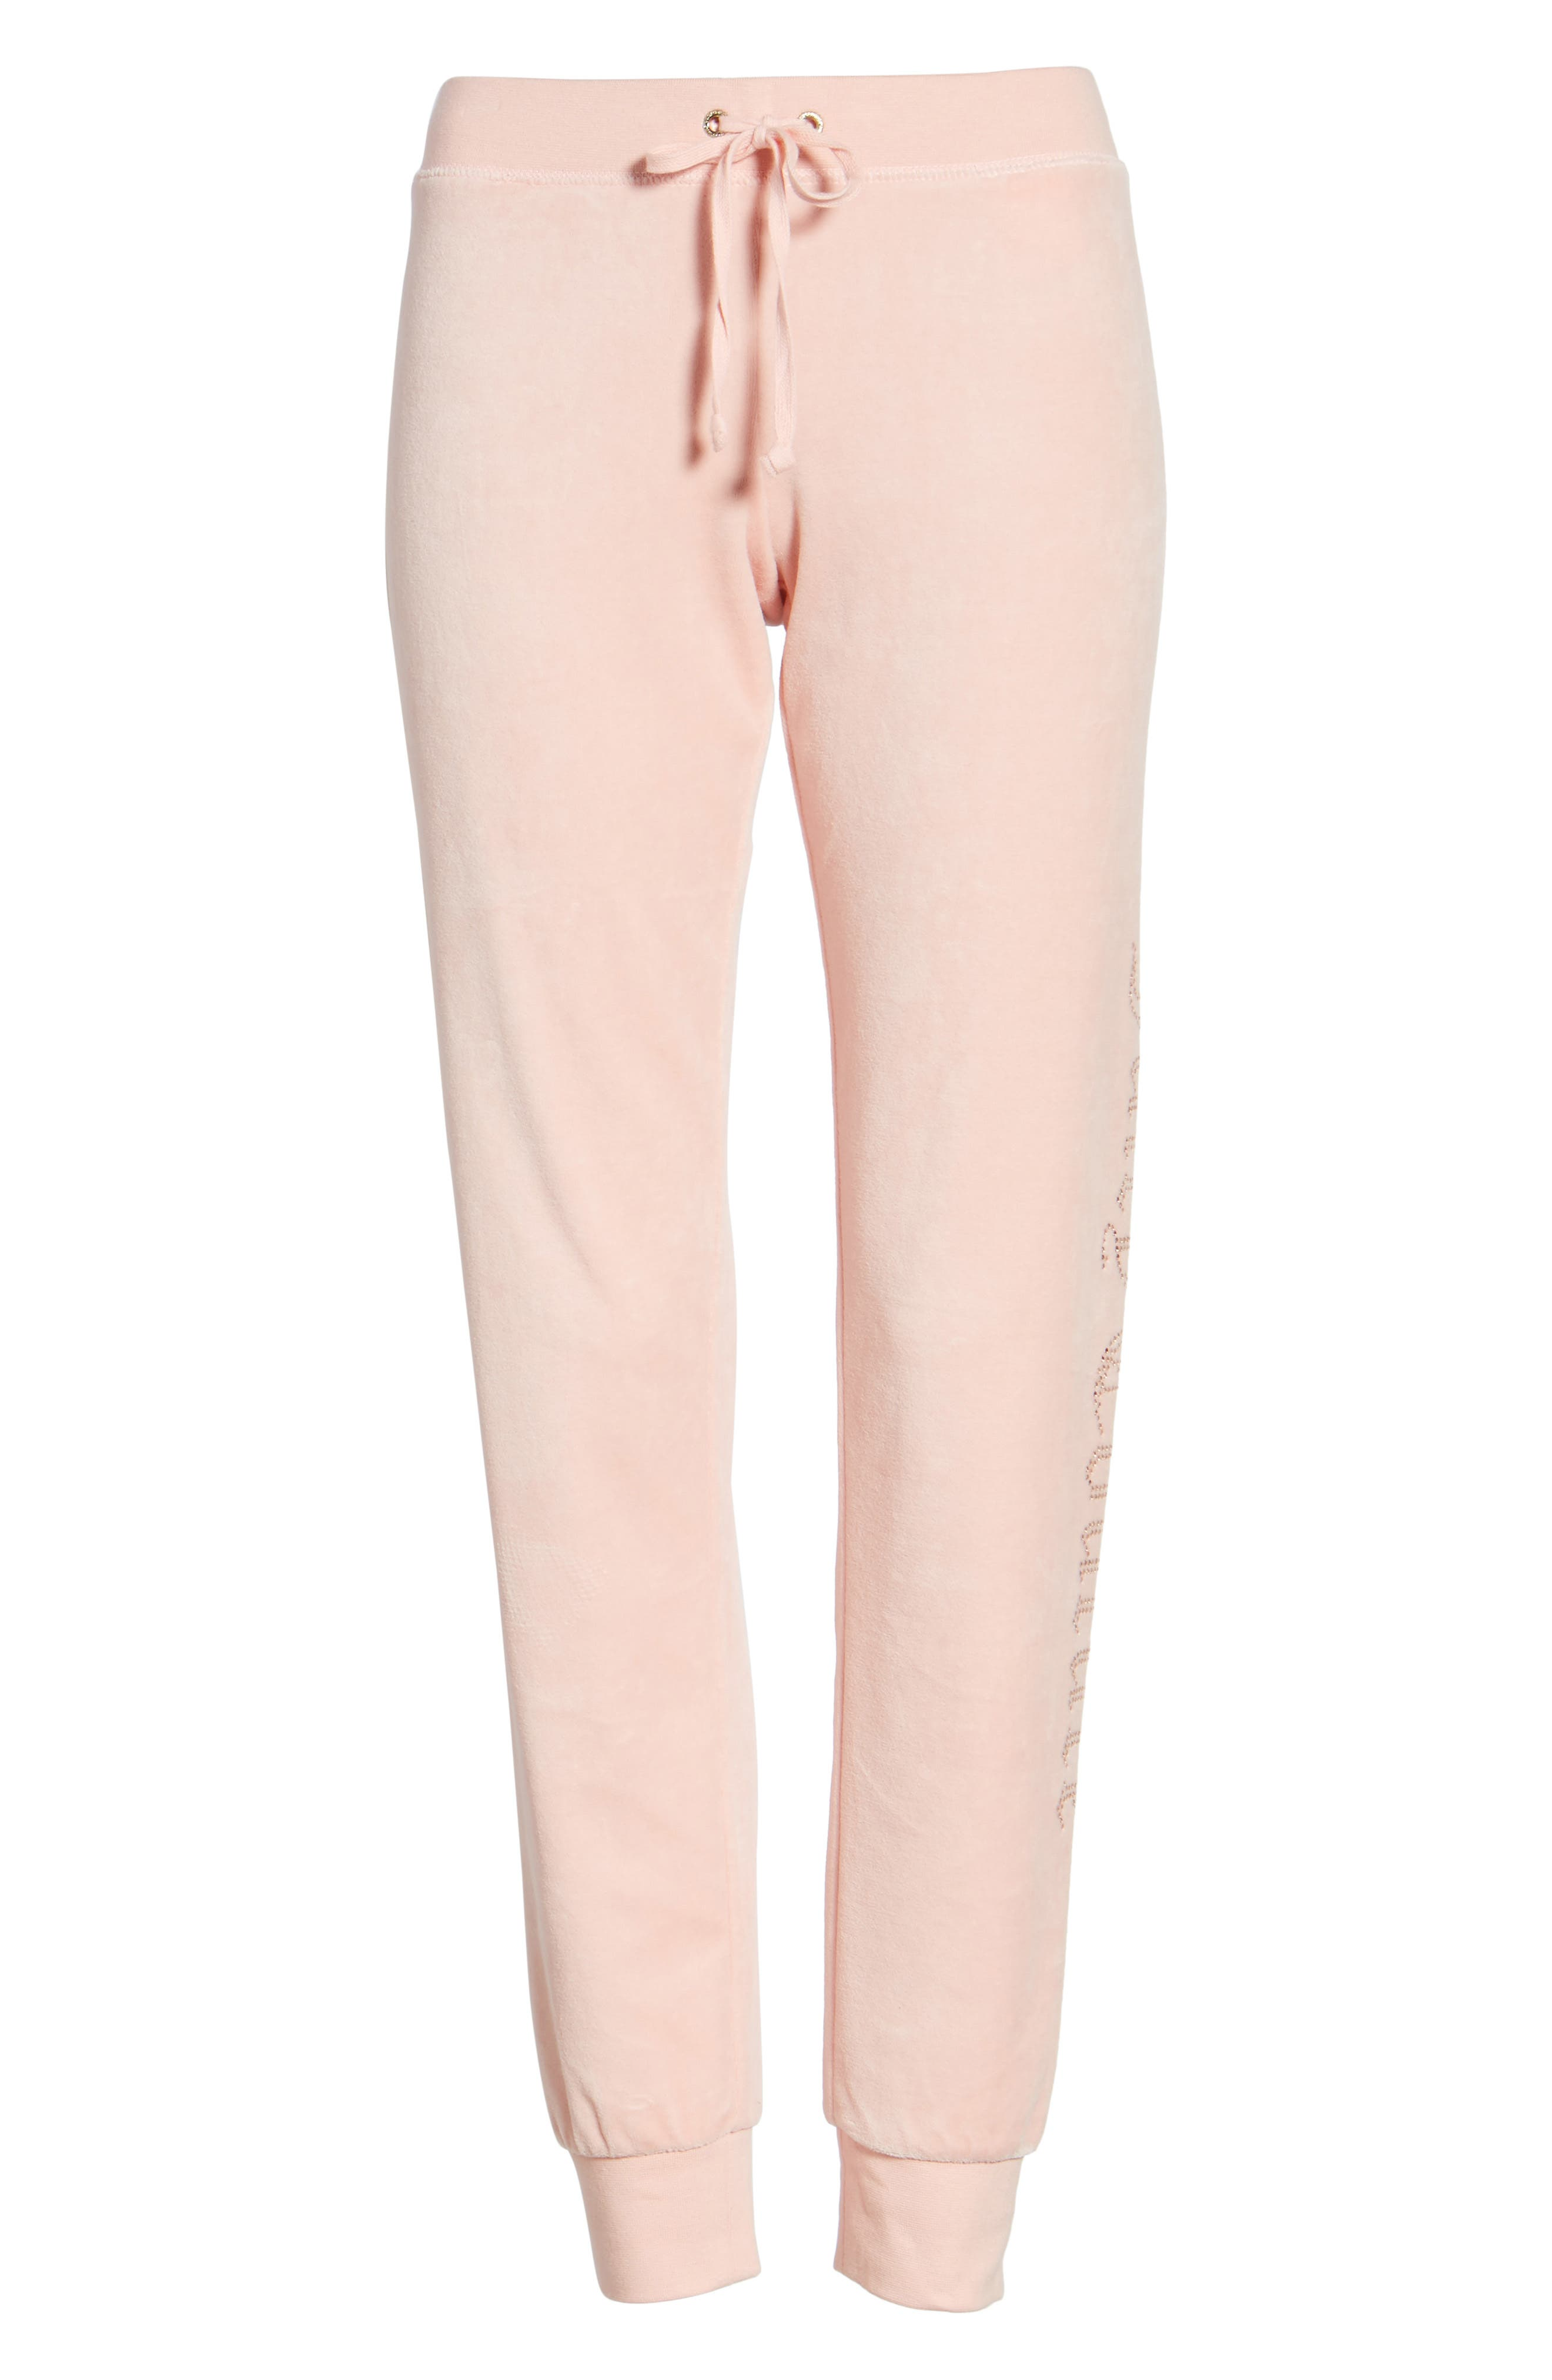 Zuma Crystal Velour Pants,                             Main thumbnail 1, color,                             Sugared Icing